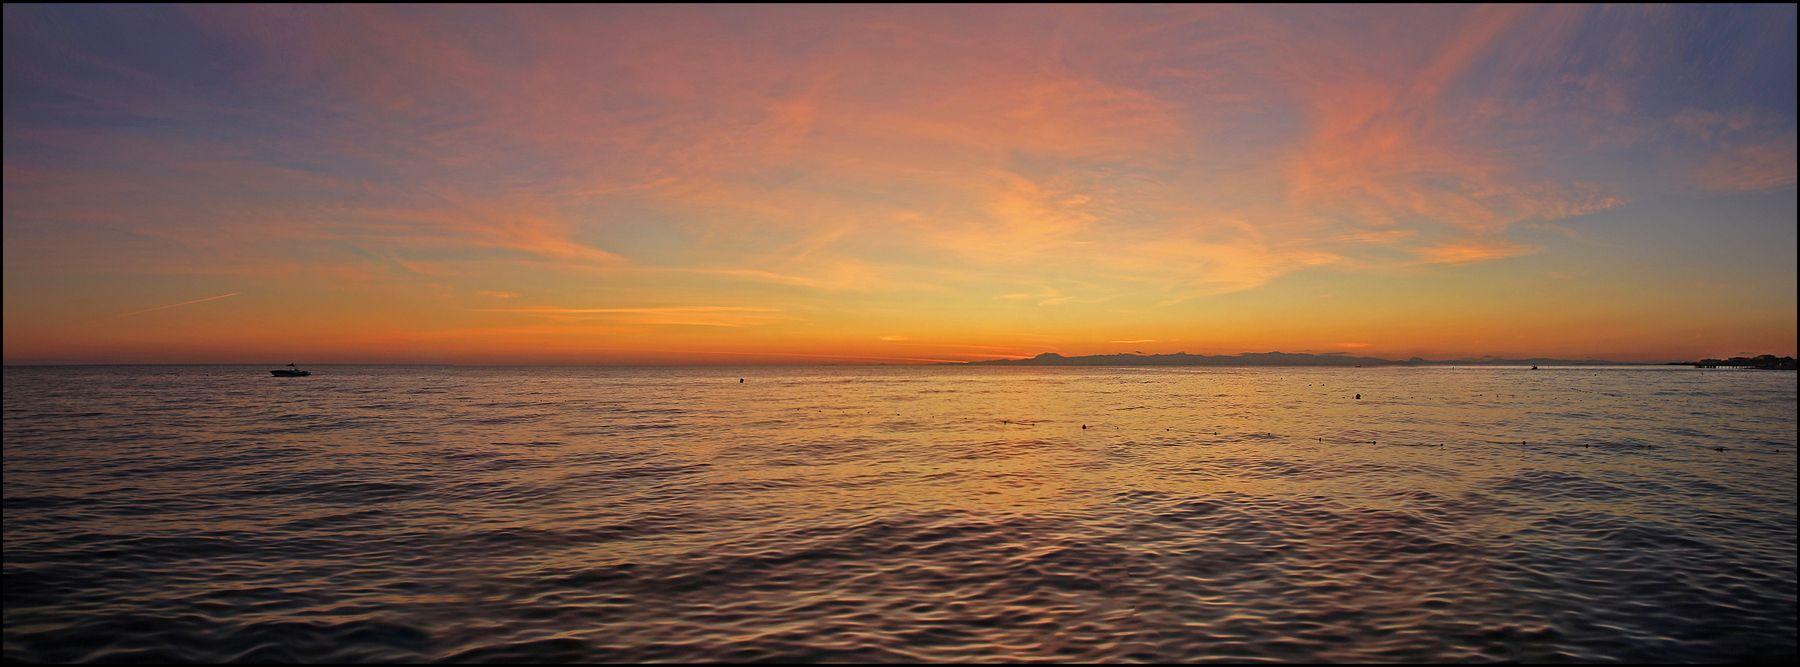 После заката... Турция Средиземное море Аланья вечер морской пейзаж после заката краски неба